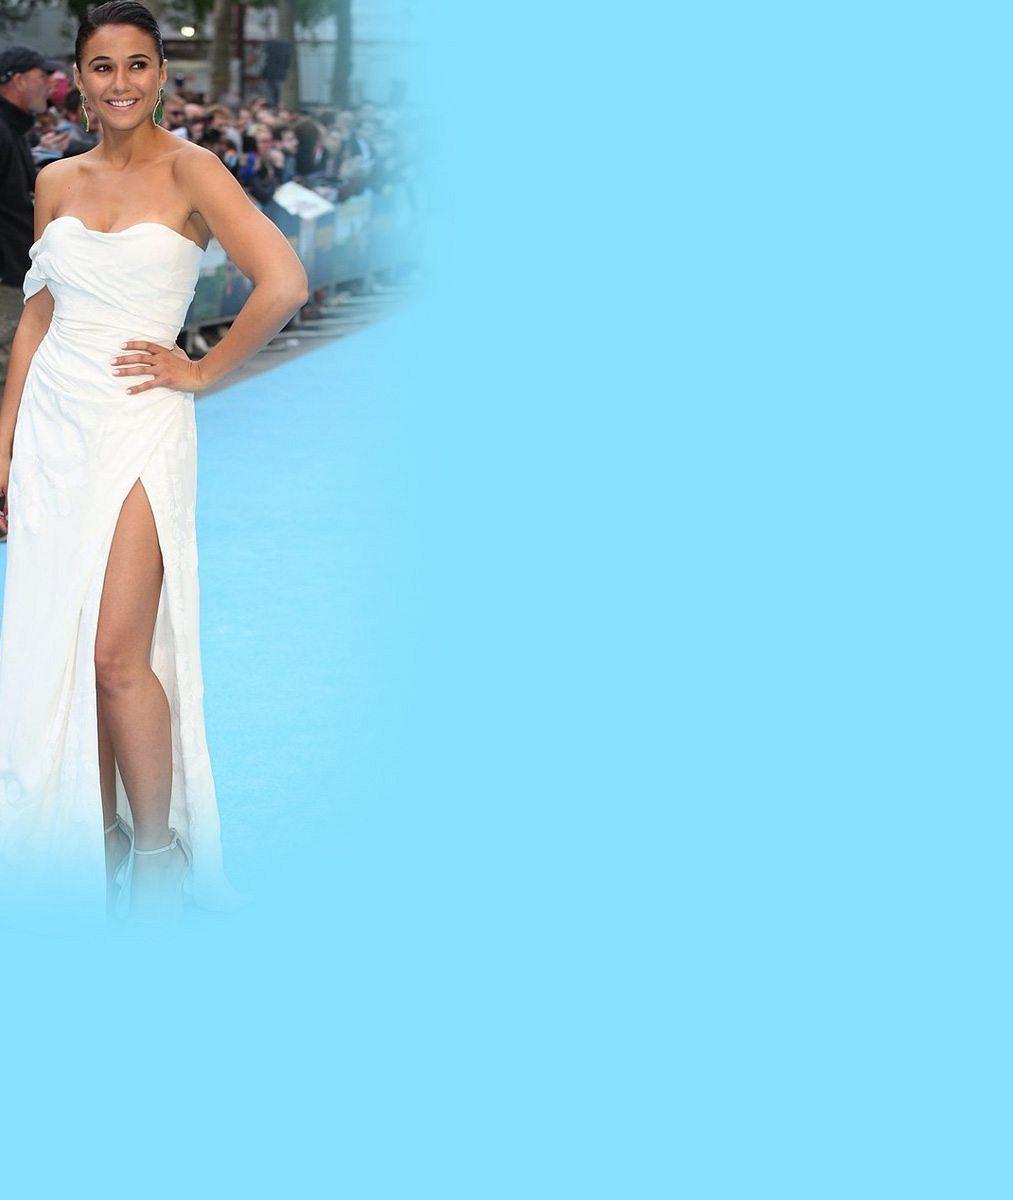 Vítr je prevít: Herecká kolegyně Kláry Issové nechtěně ukázala kalhotky ve stylu Marilyn Monroe